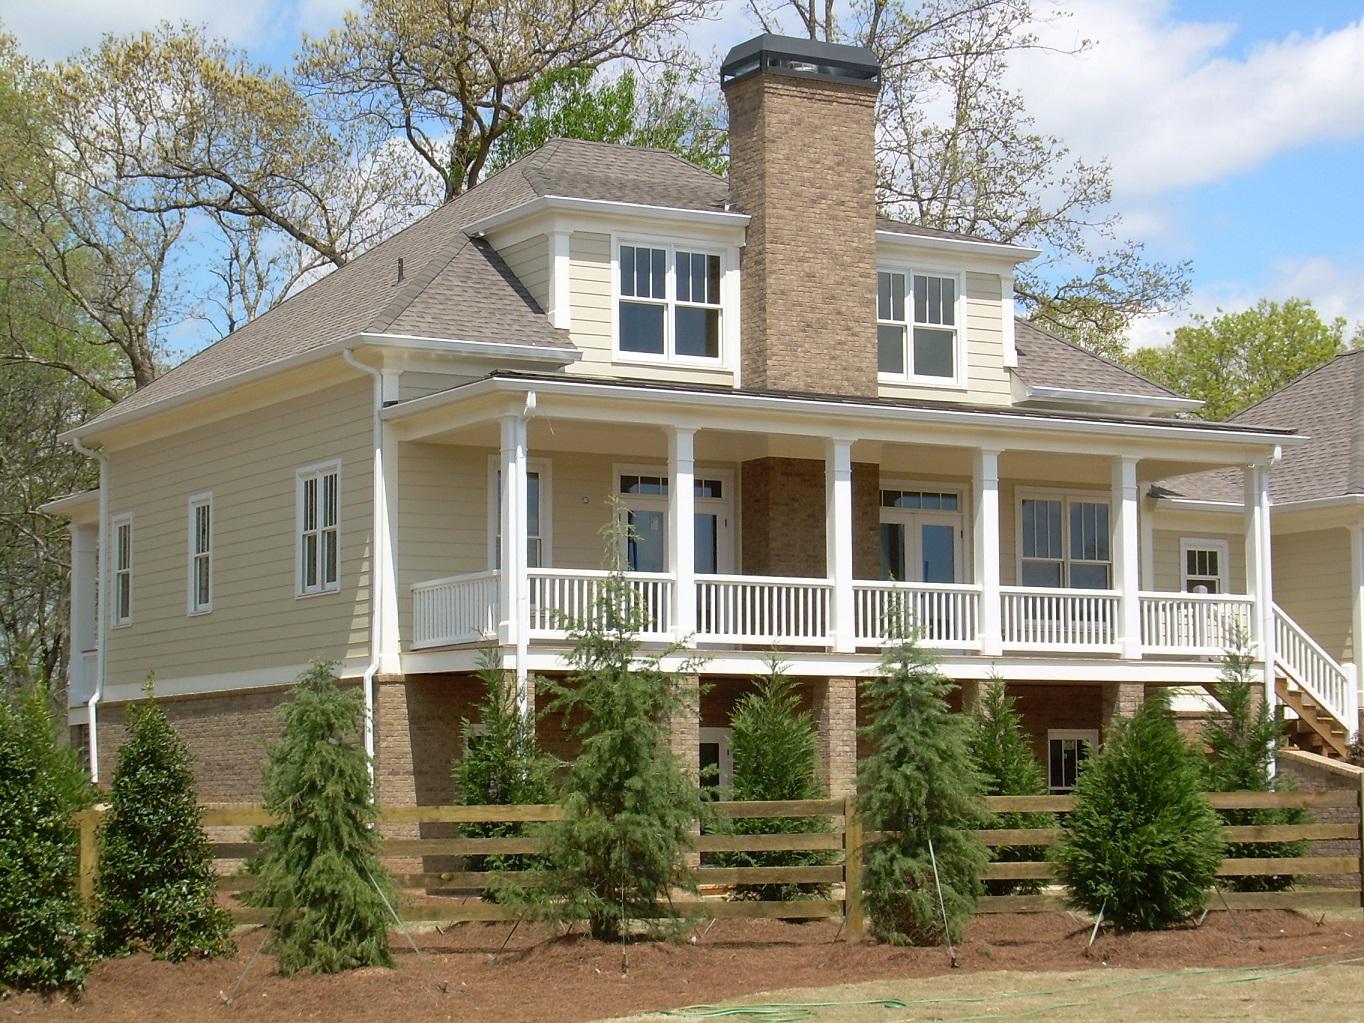 Ver fotos de casas bonitas escoja y vote por sus fotos de - Casas de 1 piso bonitas ...